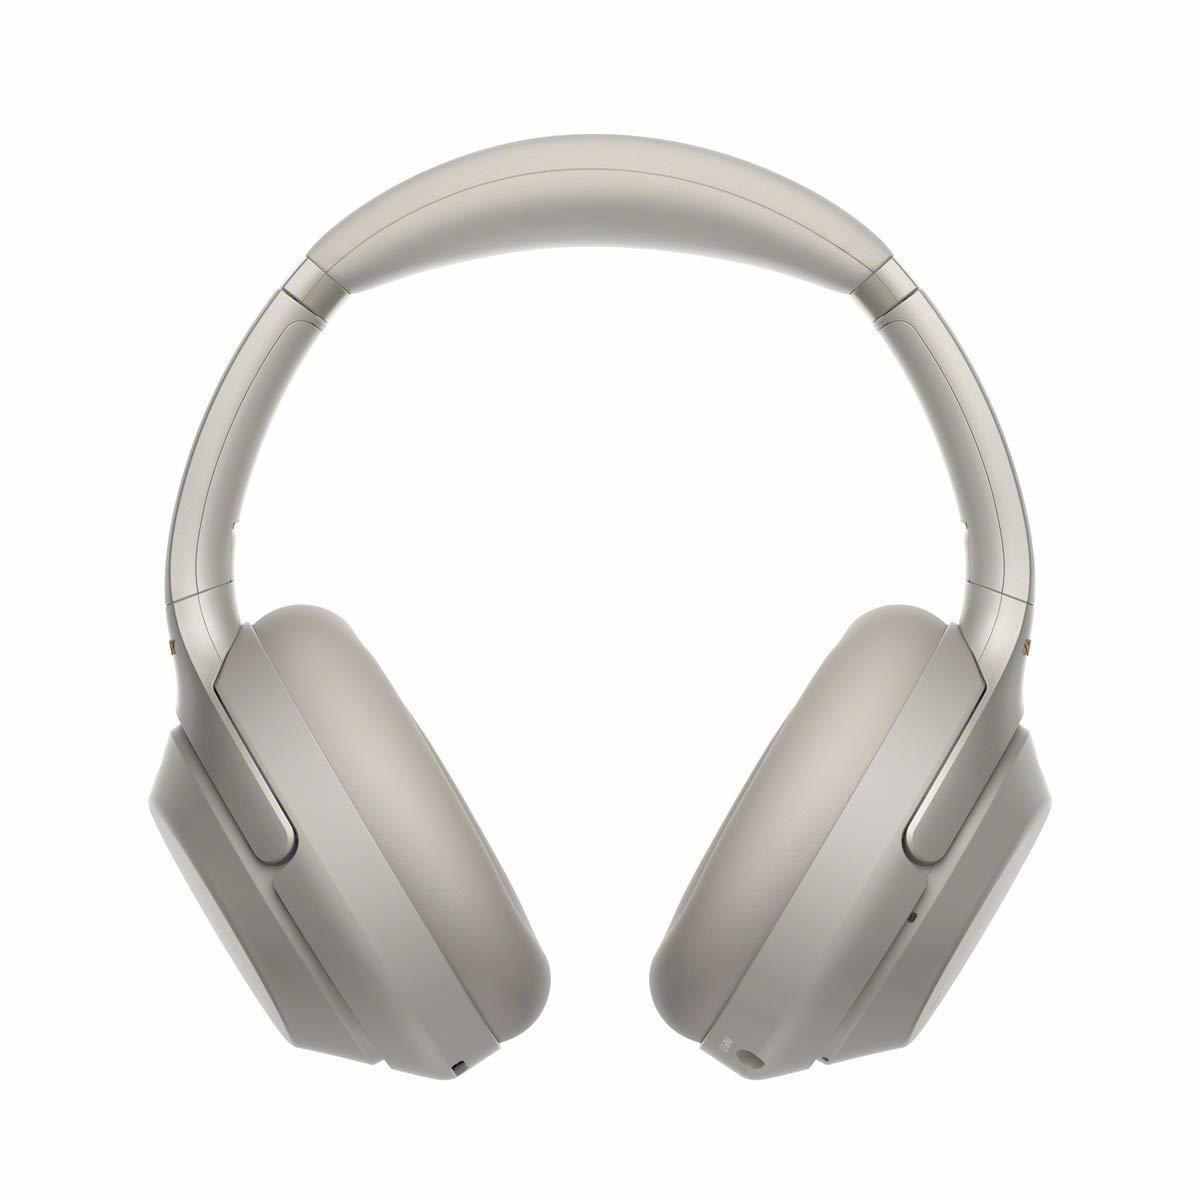 Купить наушники Sony WH1000XM3S серебристые в Sony Centre Воронеж